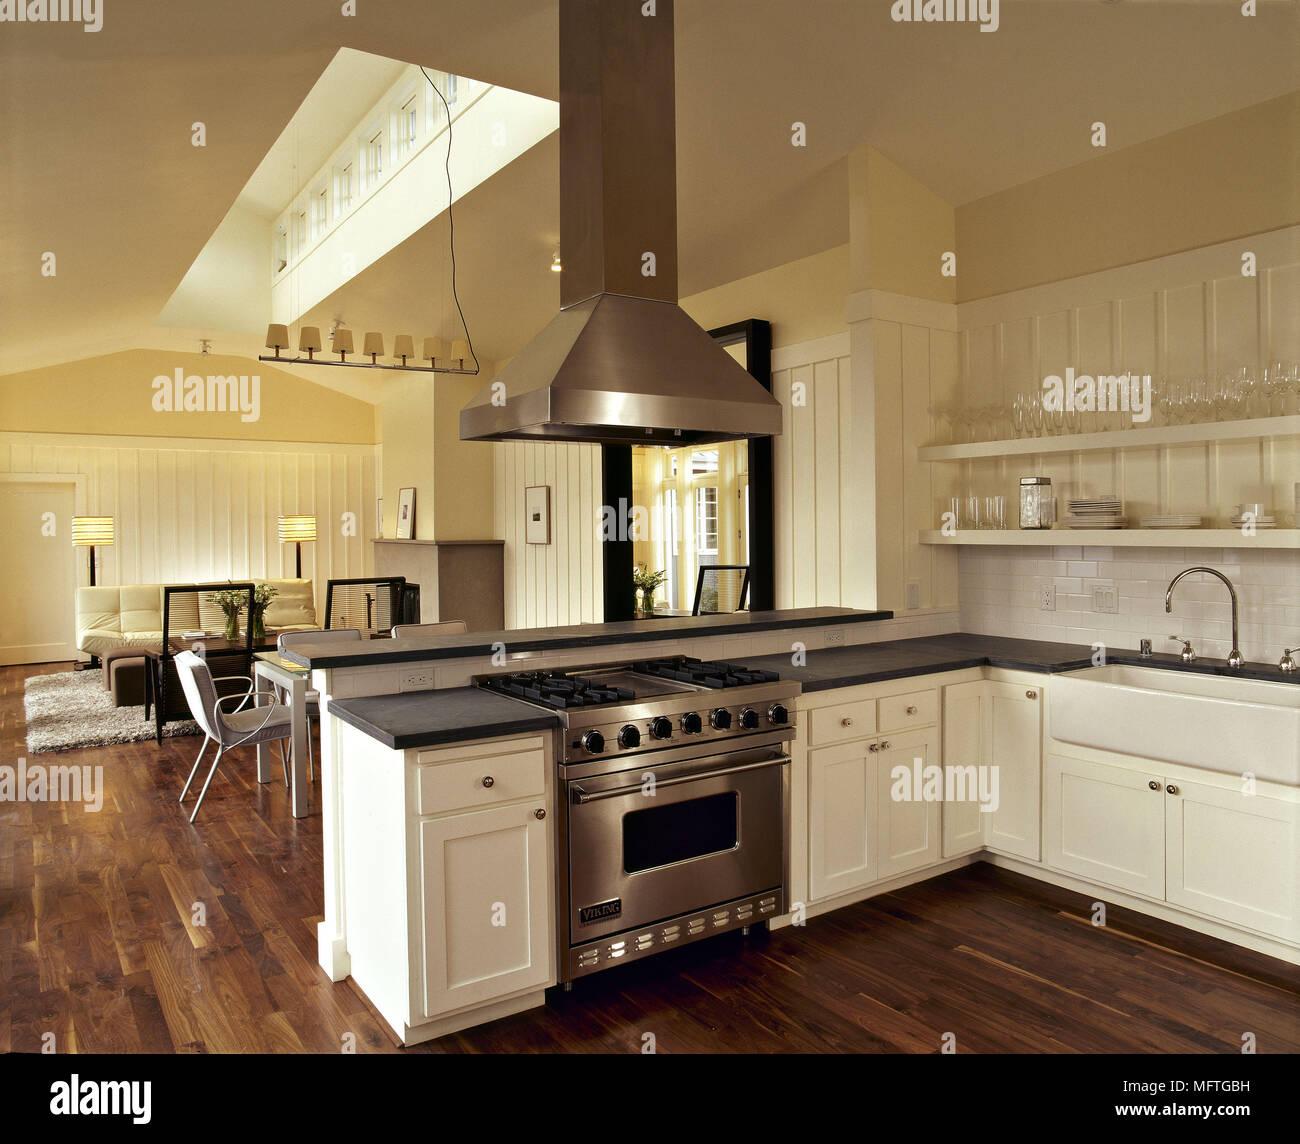 Offene Moderne Küche: Moderne Offene Küche Mit Weißen Und Schwarzen Granit